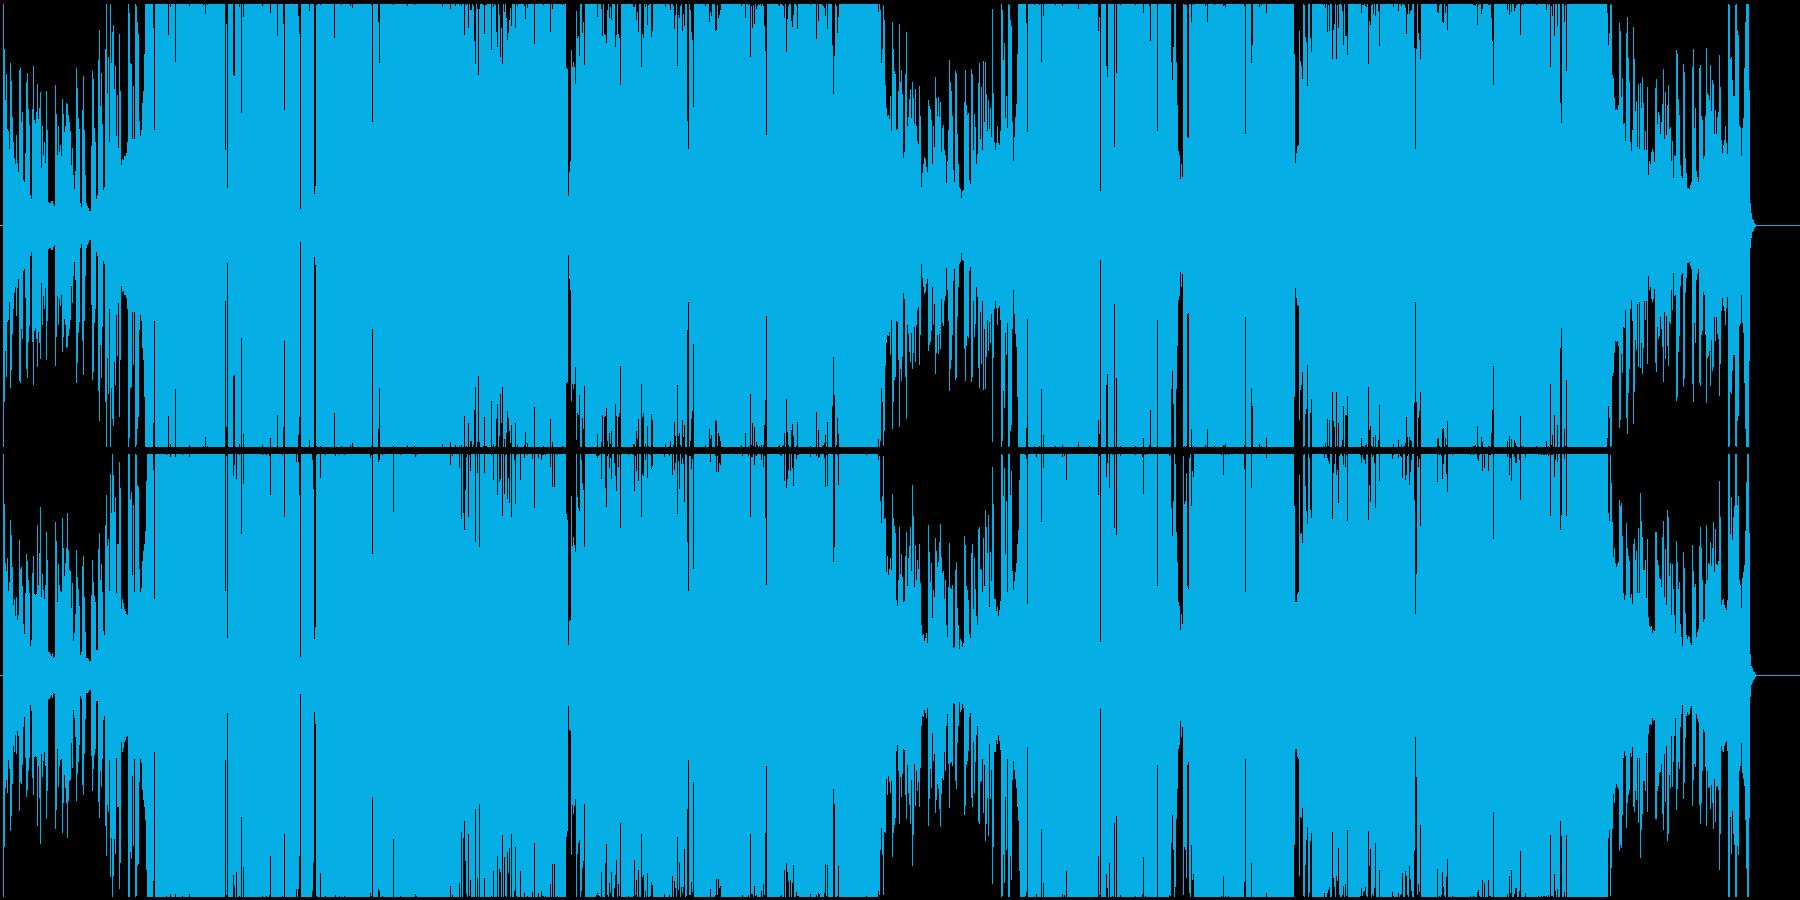 デジタルハイブリッドなヒップホップの再生済みの波形